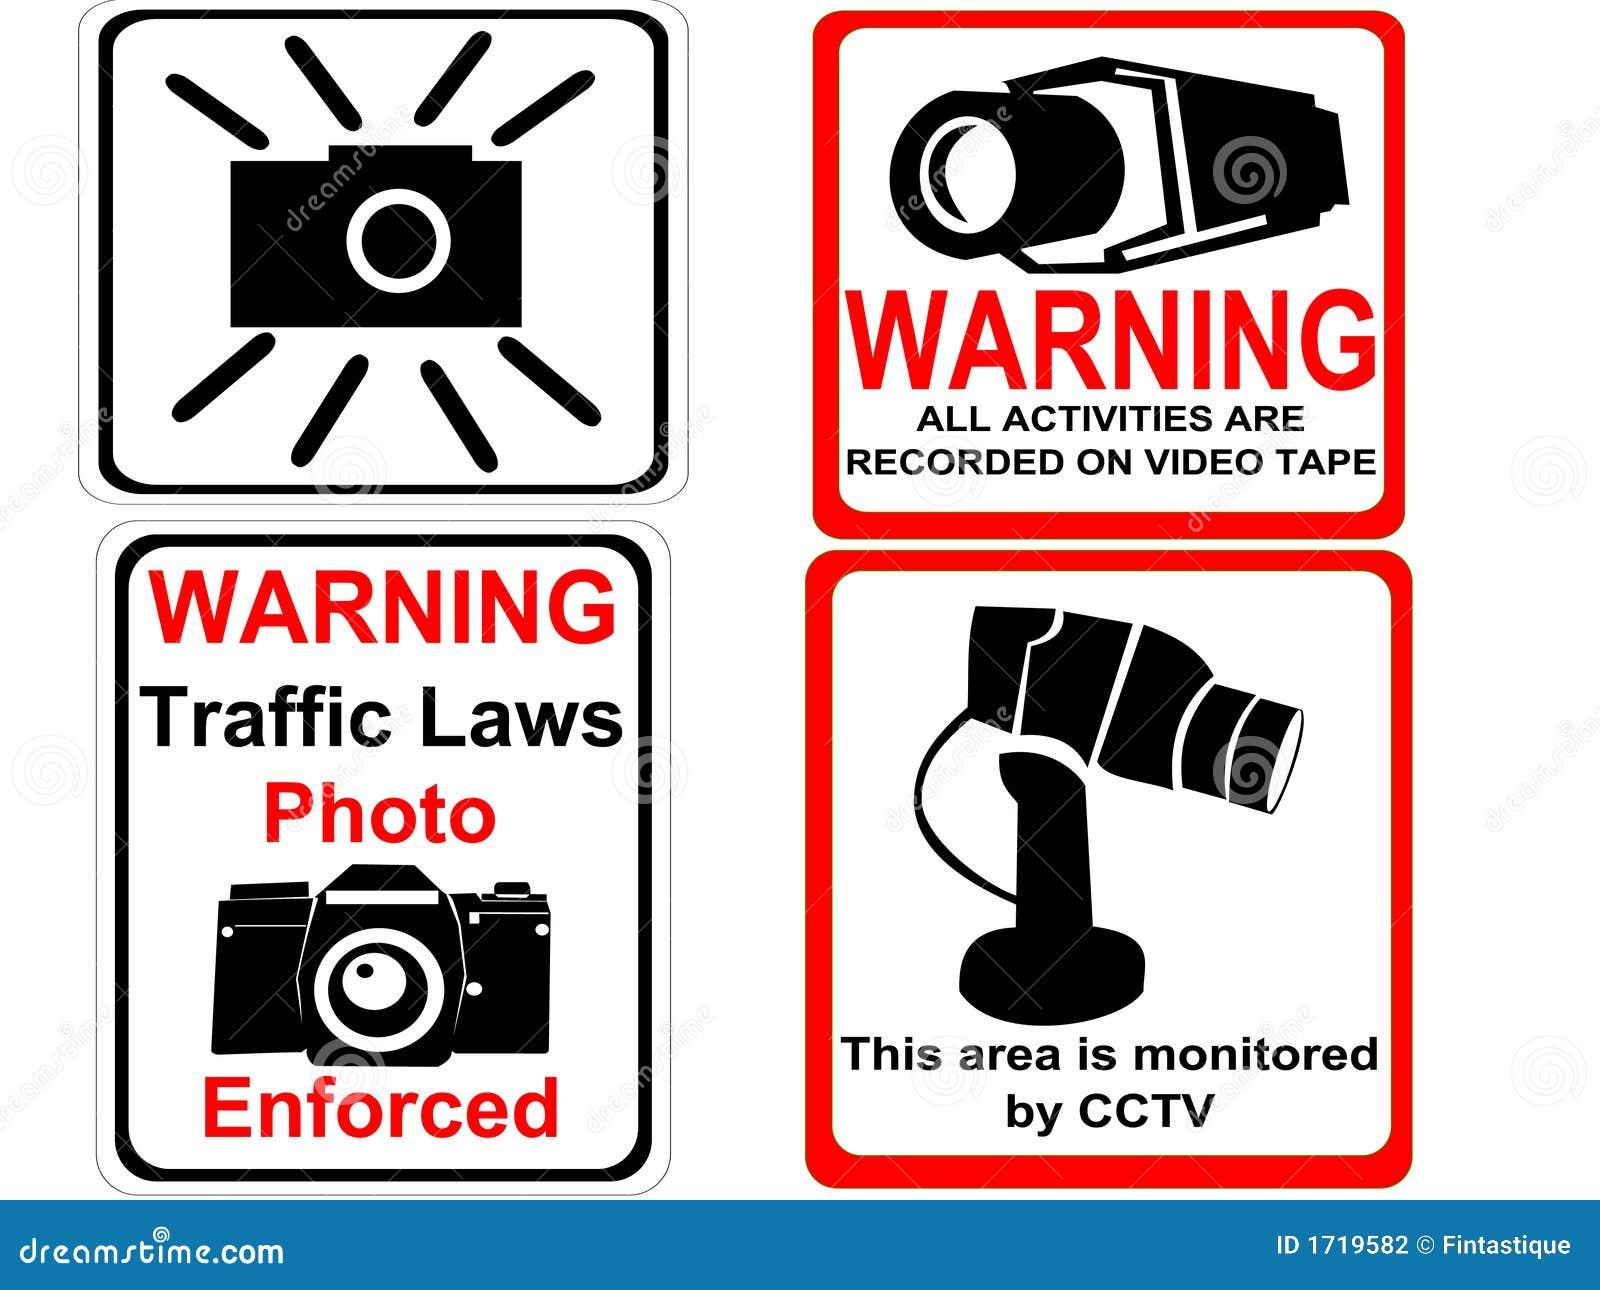 在CCTV天气预报地图上带有$符号意味着什么? -cctv符号在天气预报地图中的含义